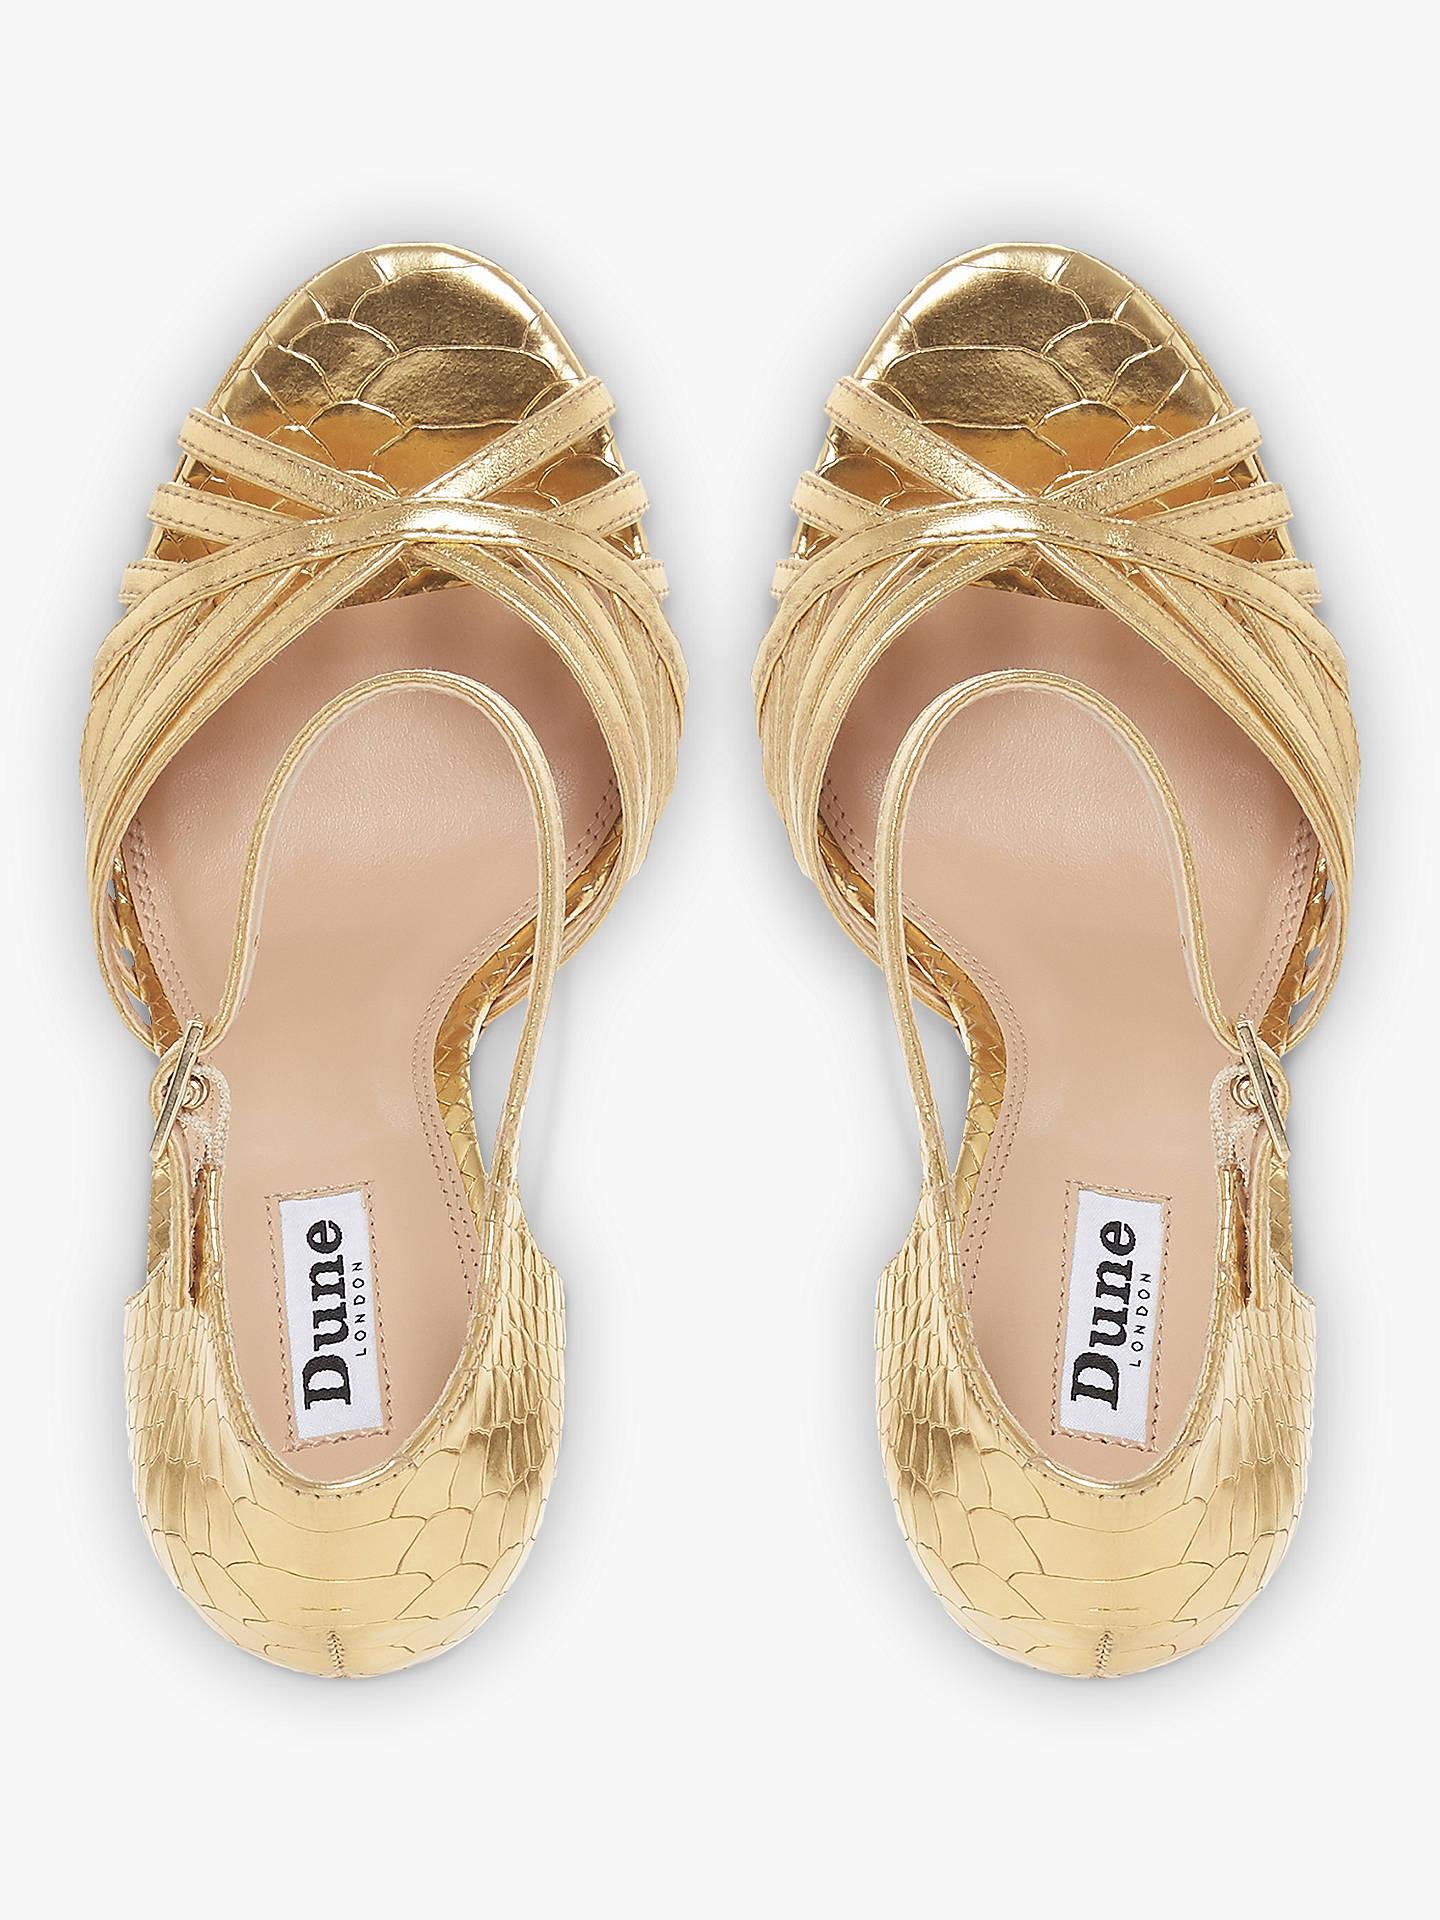 5775c93f130 Dune Madisonn Block Heel Platform Sandals at John Lewis   Partners